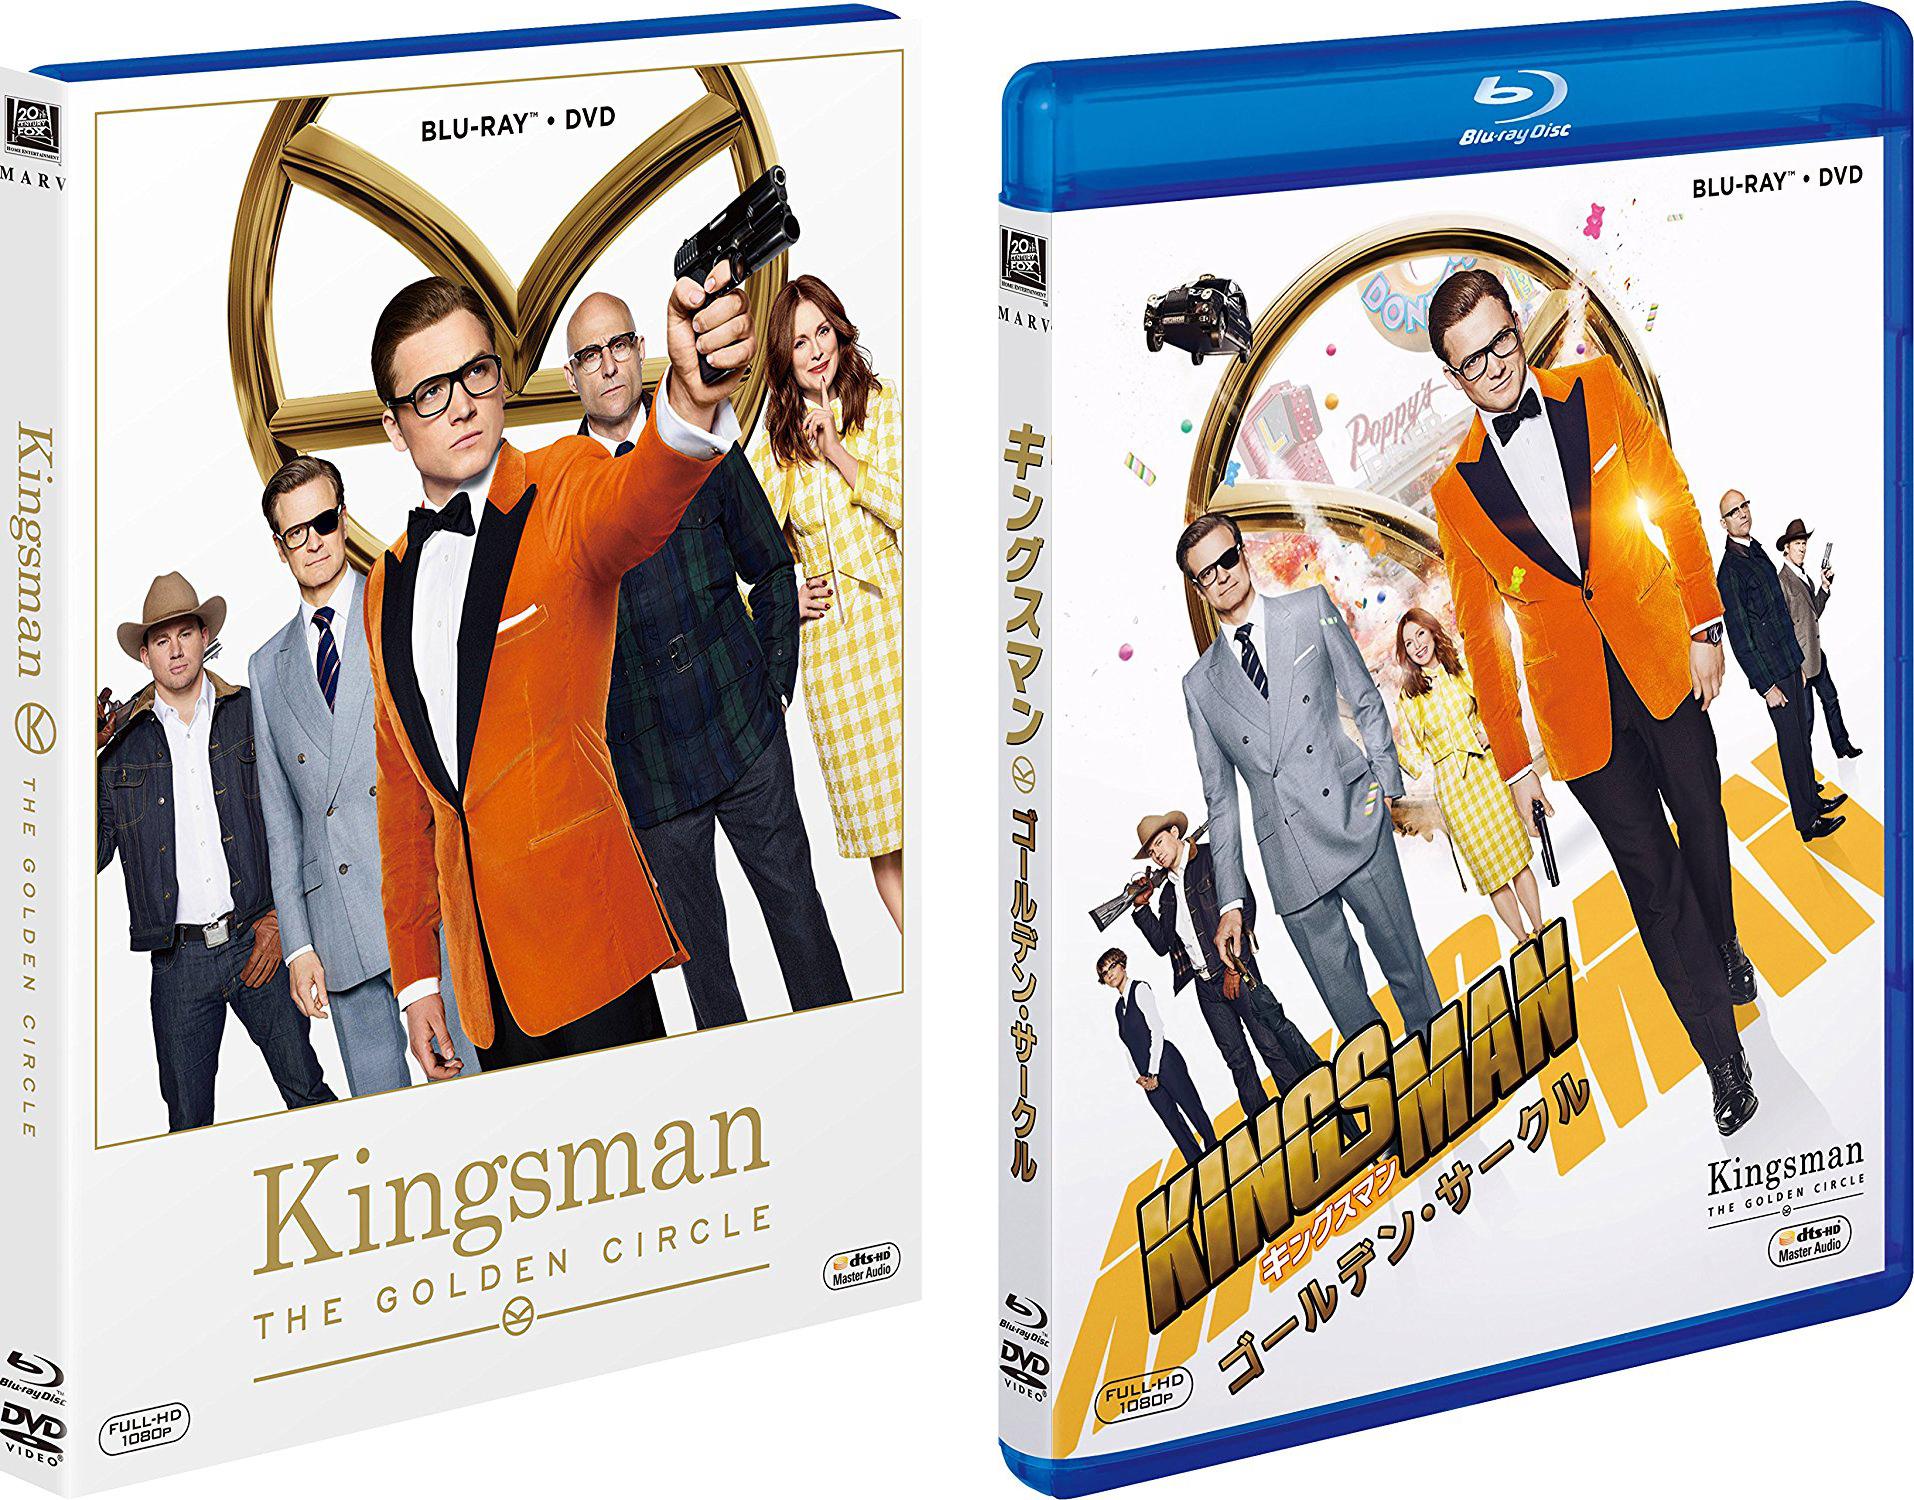 キングスマン:ゴールデン・サークル プレミアム・エディション スチールブック Kingsman: The Golden Circle steelbook